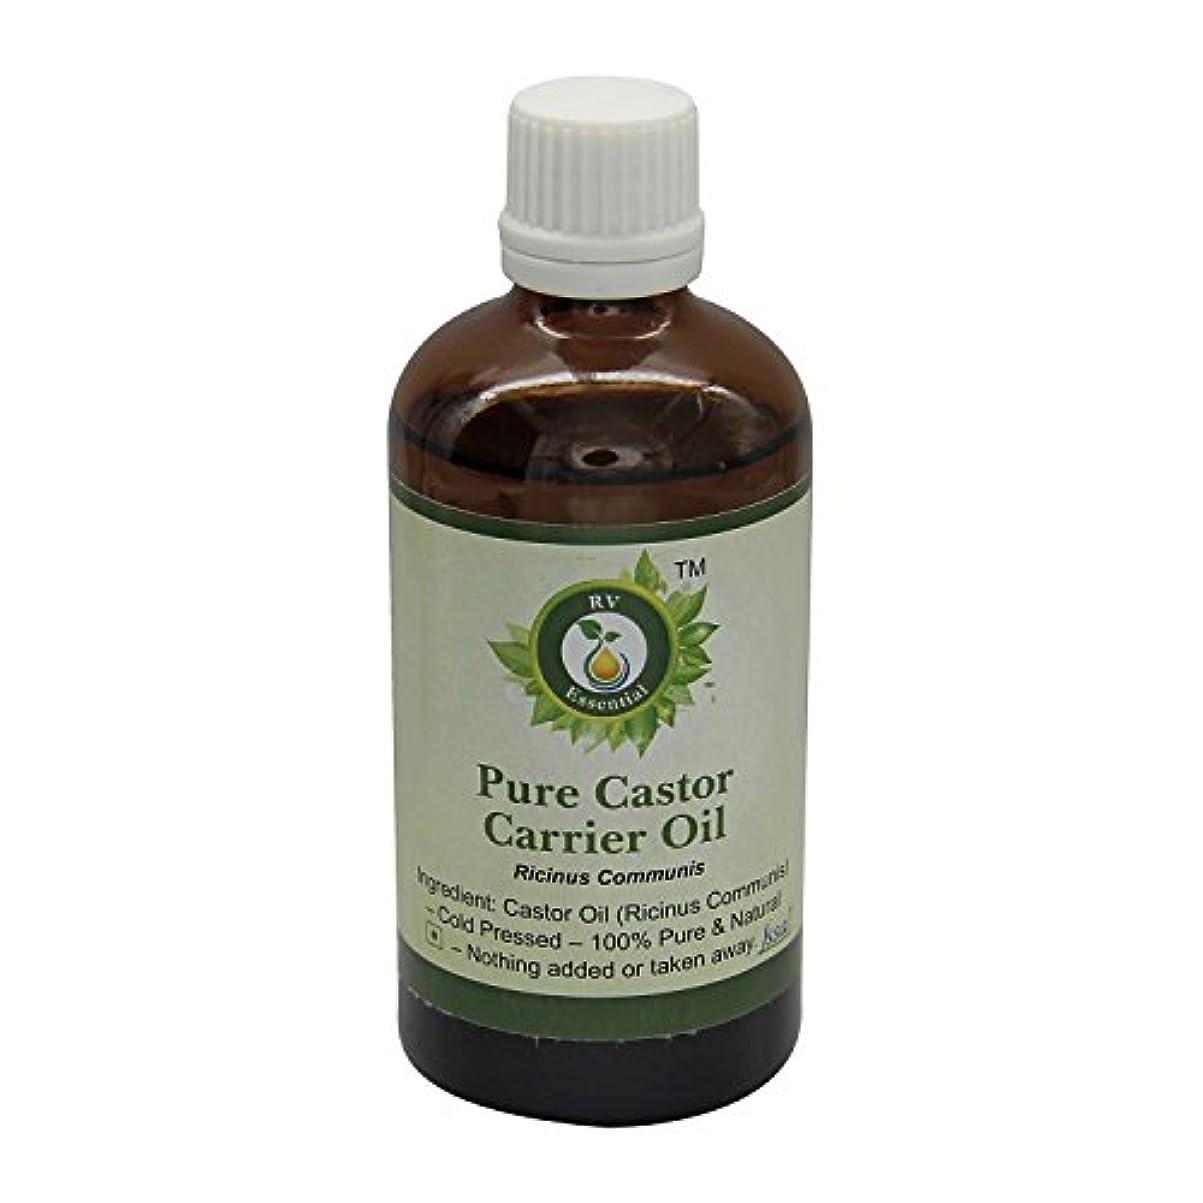 悲惨デッド順応性のあるR V Essential 純粋なキャスターキャリアオイル30ml (1.01oz)- Ricinus Communis (100%ピュア&ナチュラルコールドPressed) Pure Castor Carrier Oil